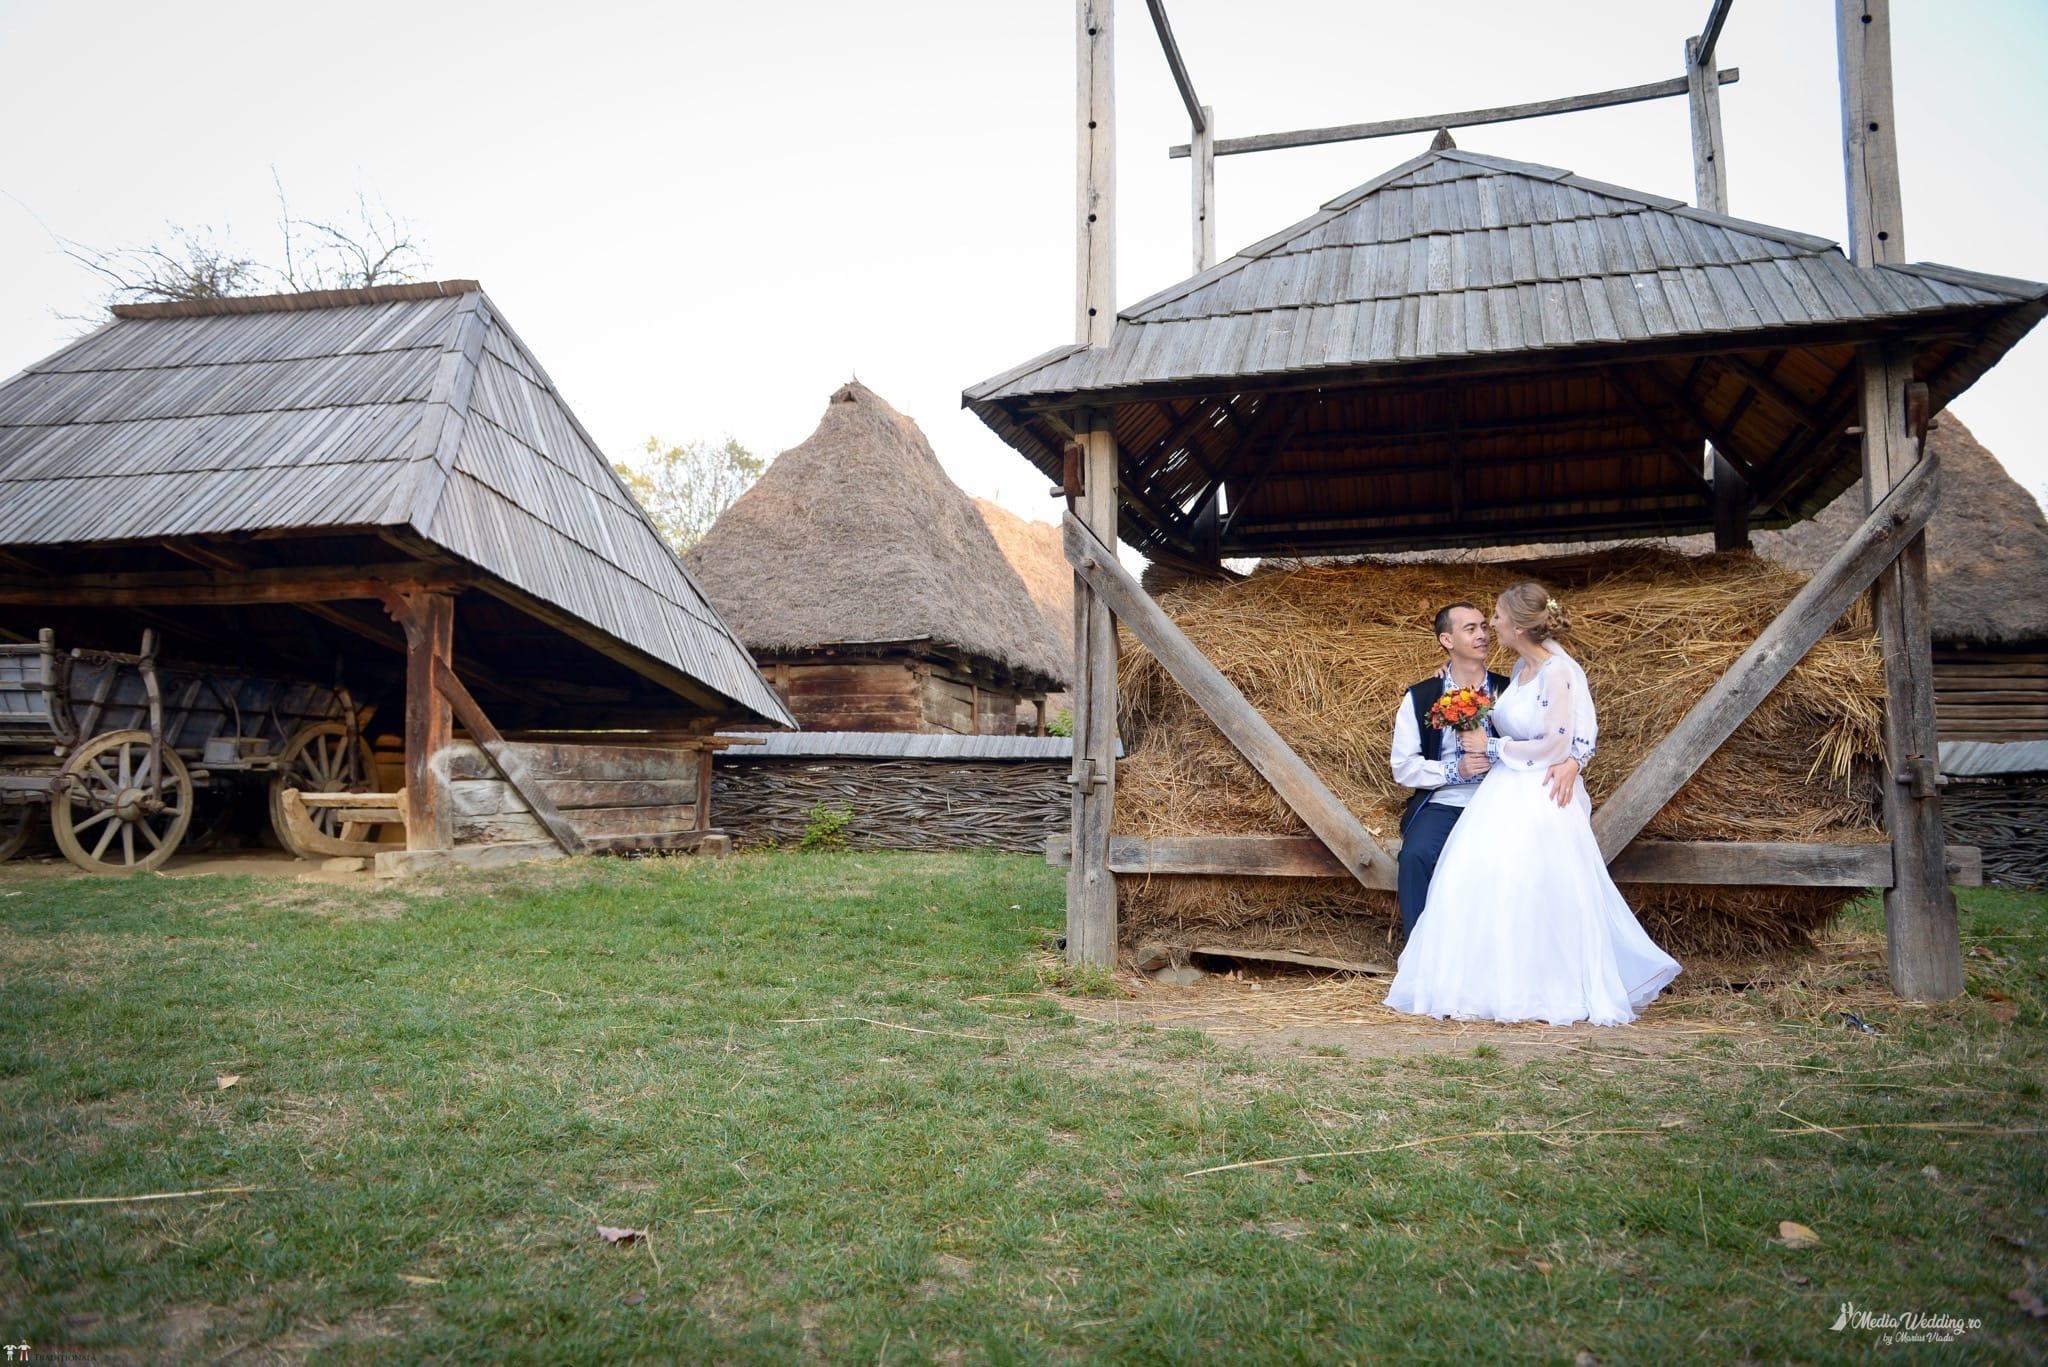 Povești Nunți Tradiționale - Alina-Maria și Ilie, nuntă tradițională în București 26